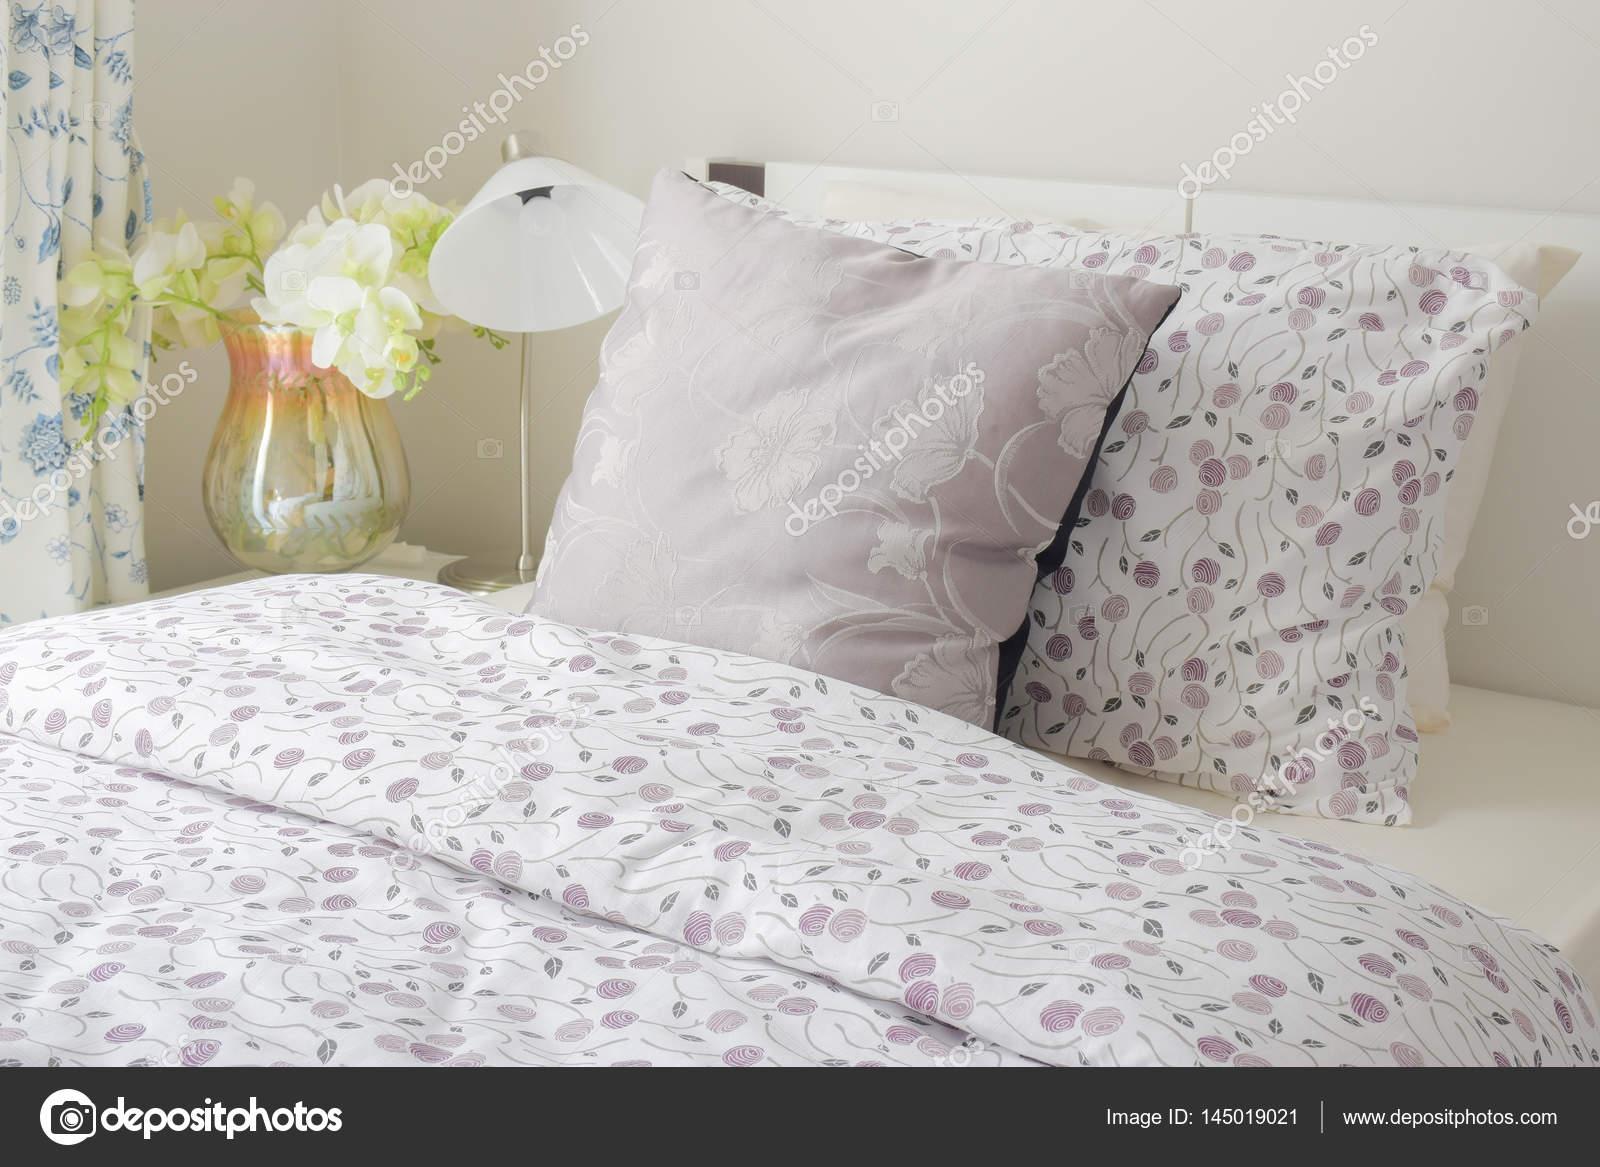 Winzige Lavendel Muster Stil Betten im Schlafzimmer mit weiße ...